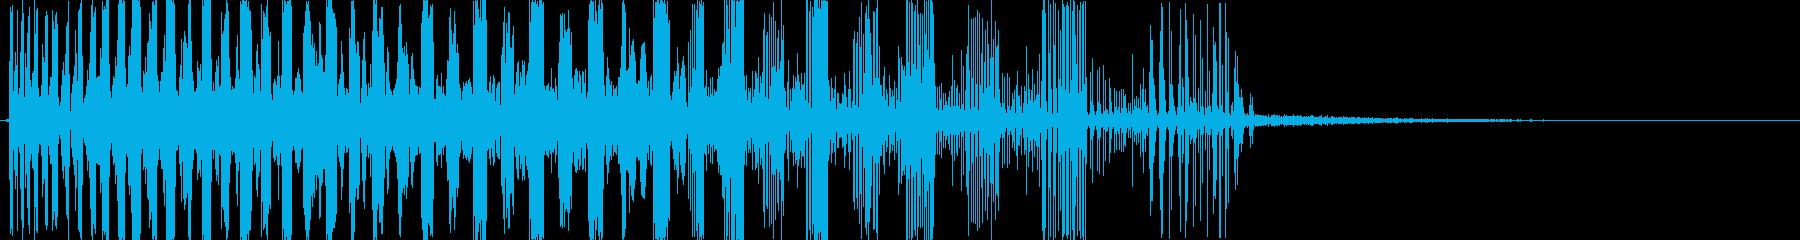 レーザースウィープバージョン1の再生済みの波形